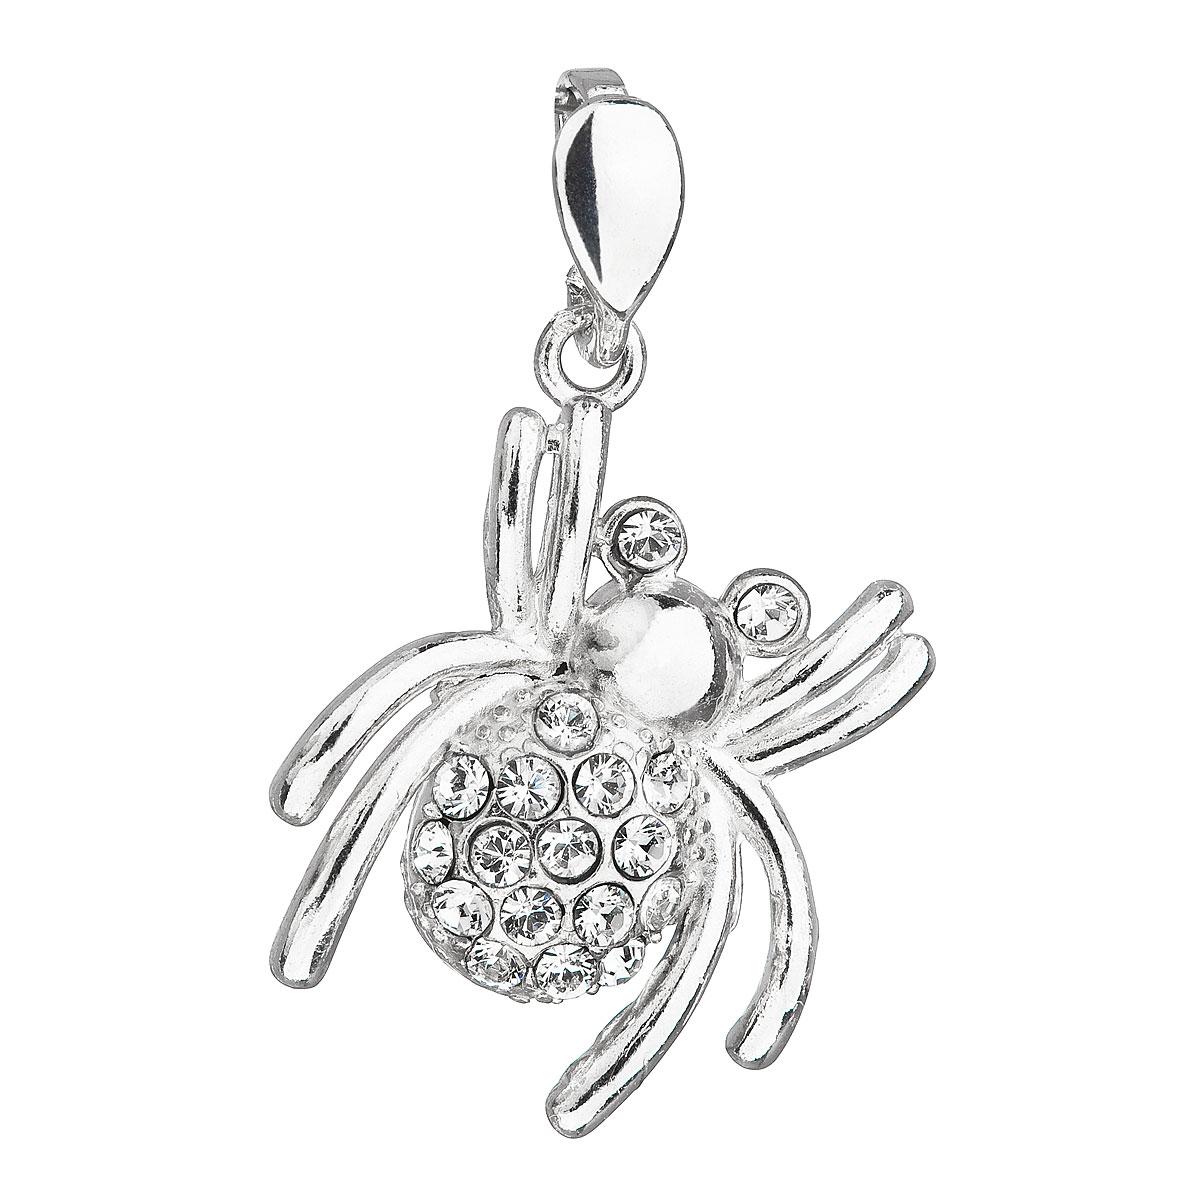 Evolution Group Stříbrný přívěsek s krystaly Swarovski bílý pavouk 34220.1, dárkové balení